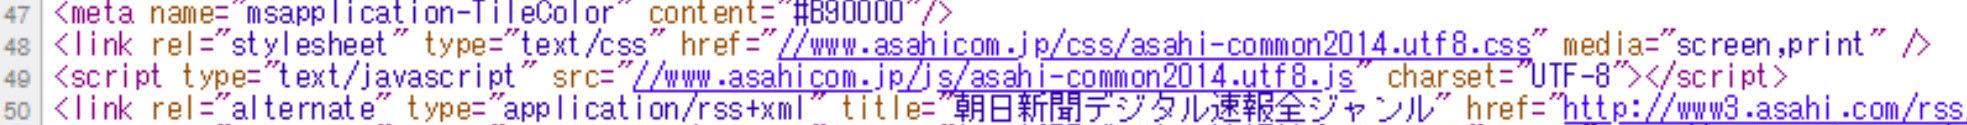 https://livedoor.blogimg.jp/gensen_2ch/imgs/d/b/dbc13f9d.png